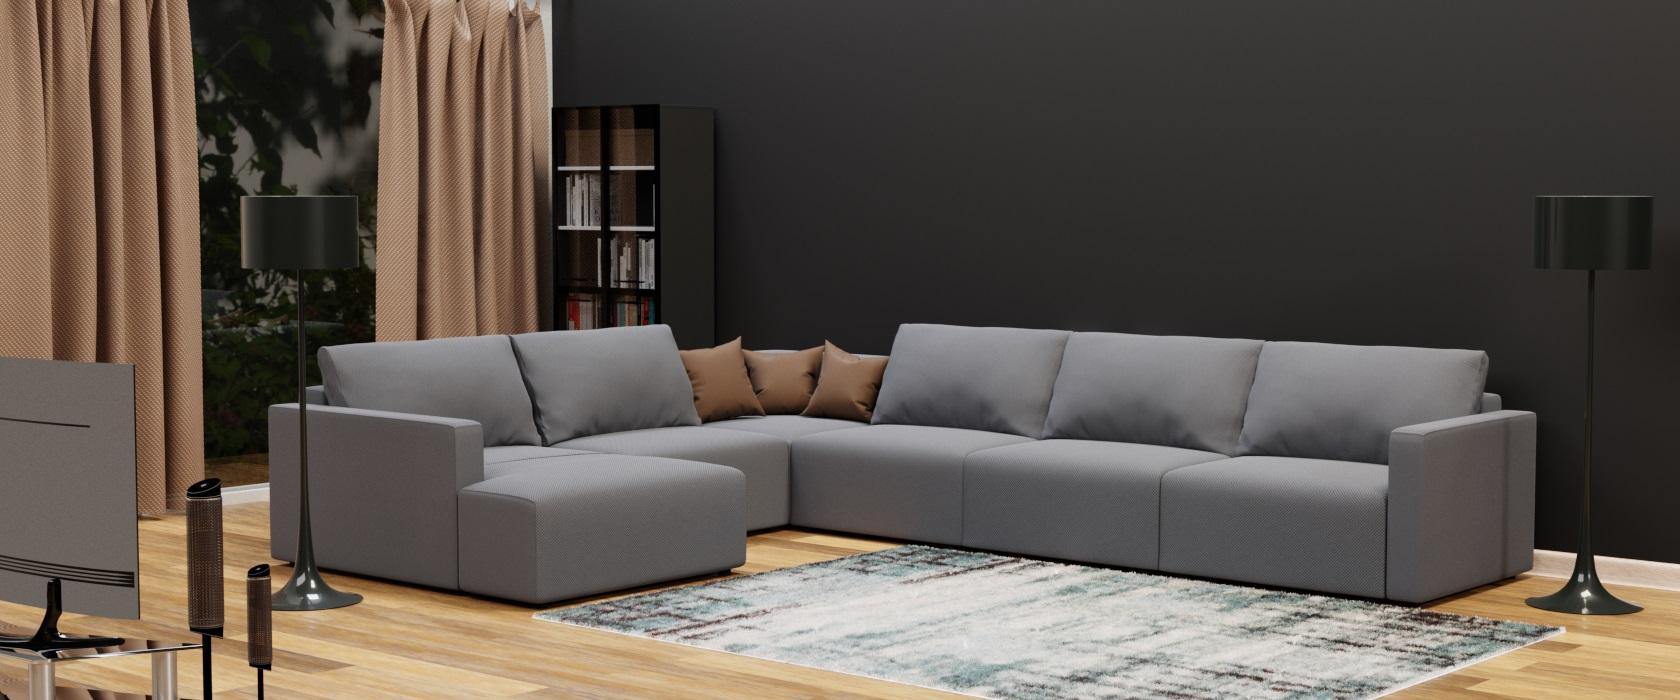 Модульный диван Greta с оттоманкой 417x317 - Фото 2 - Pufetto